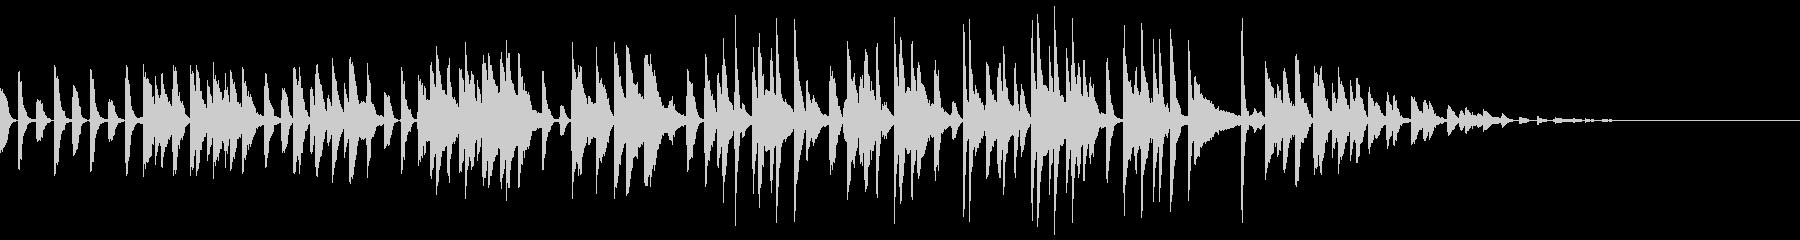 壊れたラジオから流れるラグタイム風BGMの未再生の波形